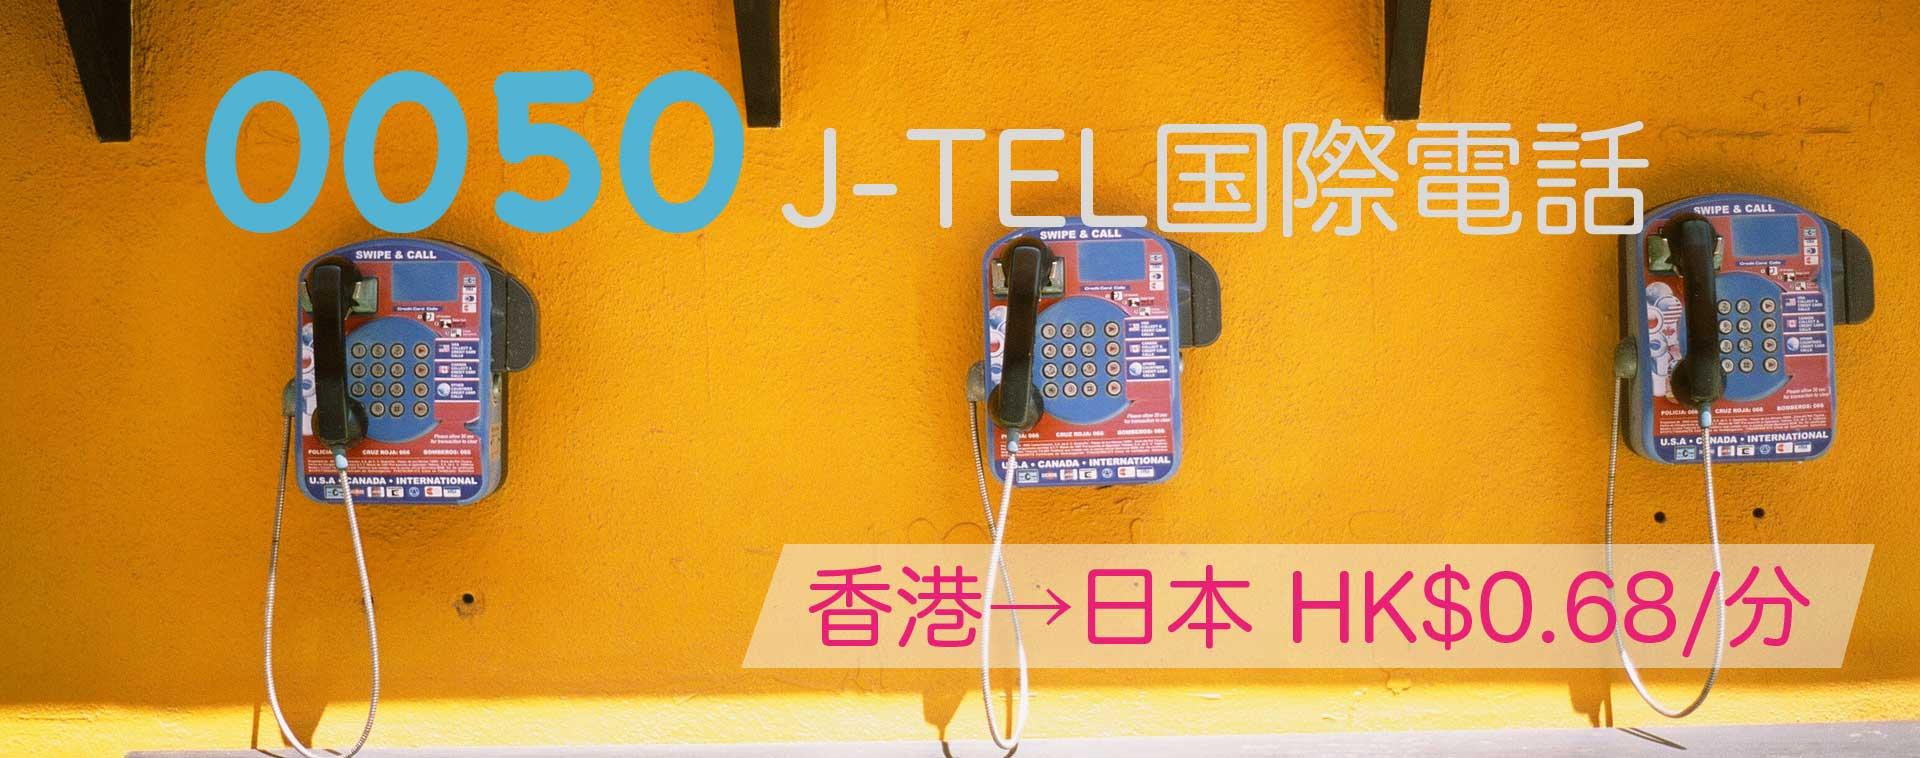 852 国際 電話